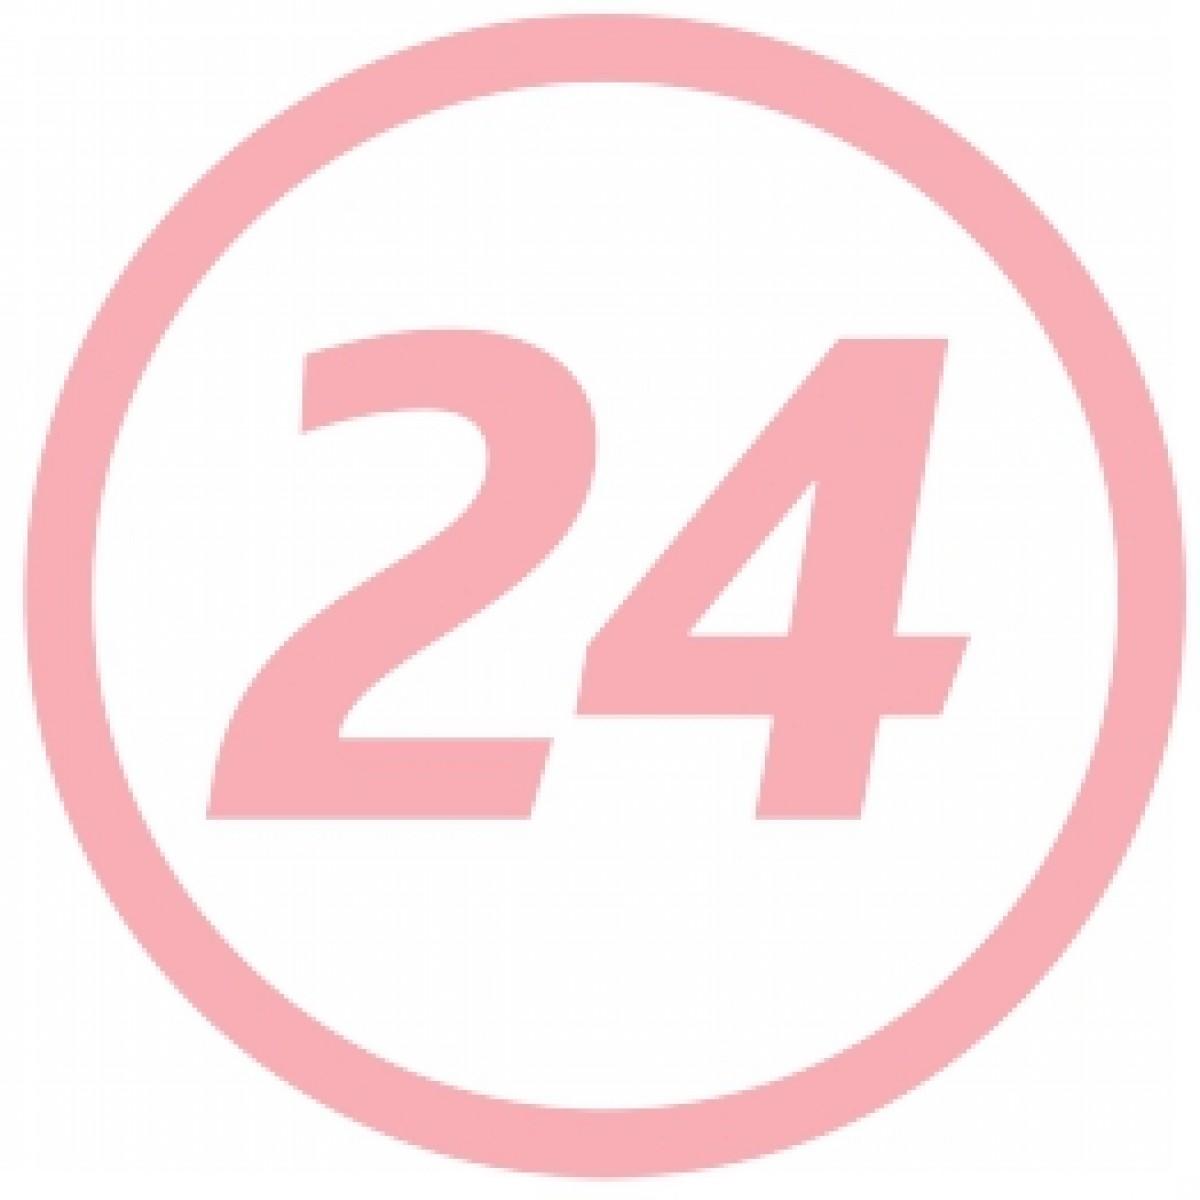 Doppelherz Omega 3 Copii Capsule Masticabile, Capsule, 30buc